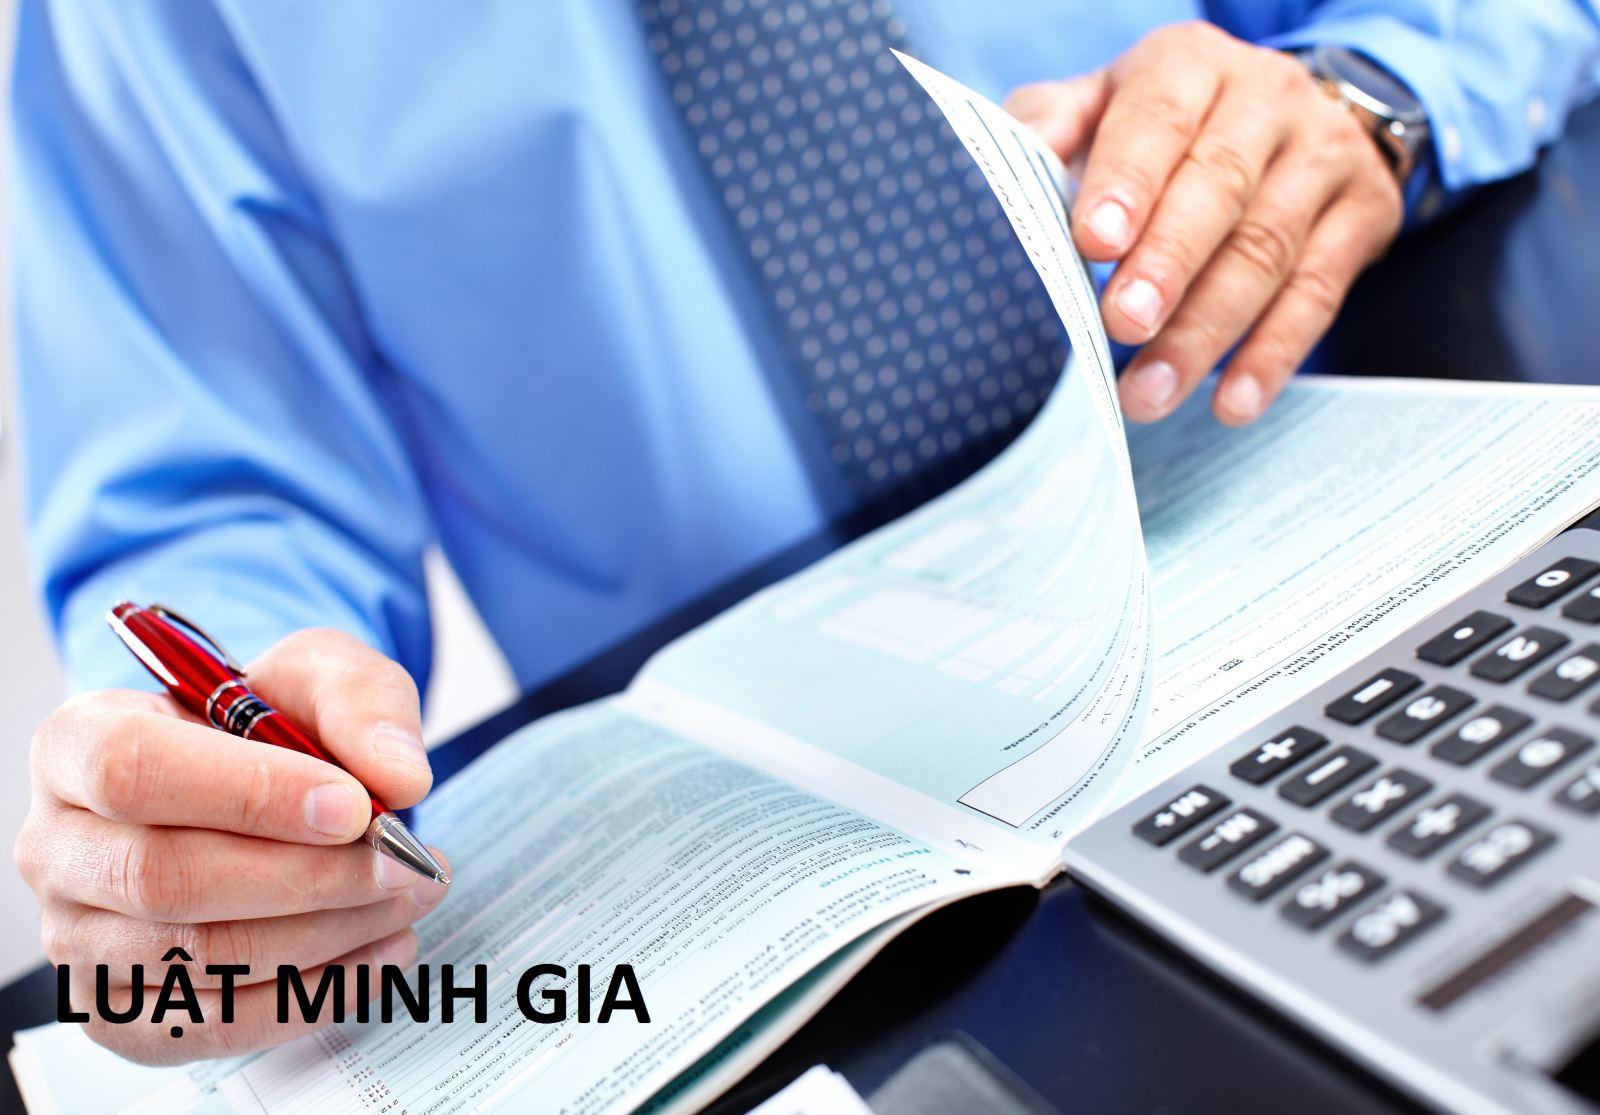 Sửa đổi nội dung hợp đồng lao động thông qua phụ lục hợp đồng lao động?